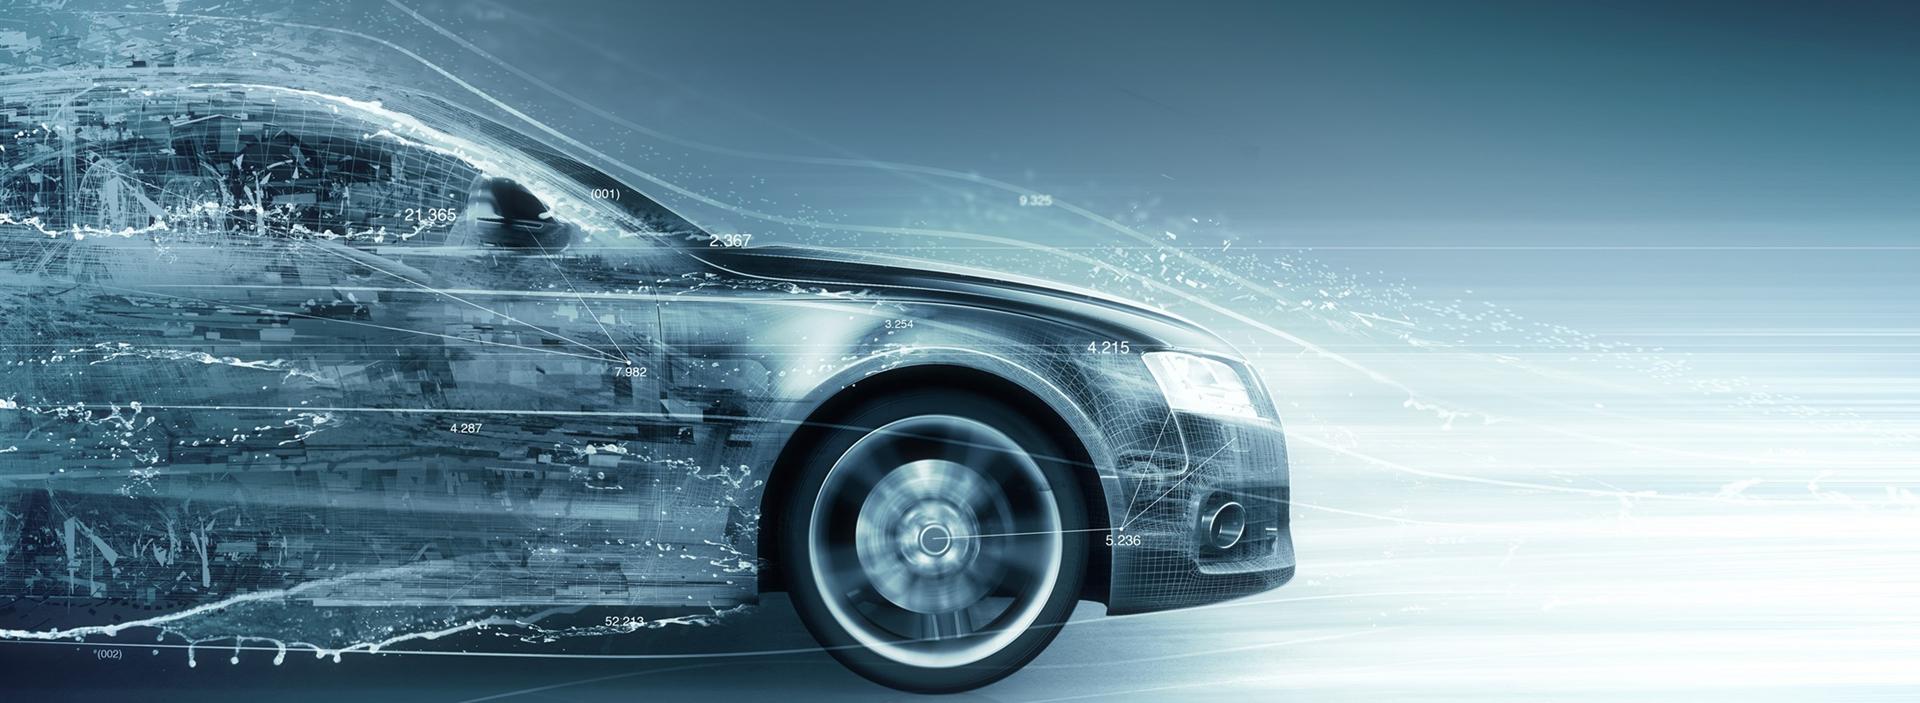 phare voiture roue le transport contexte vitesse la